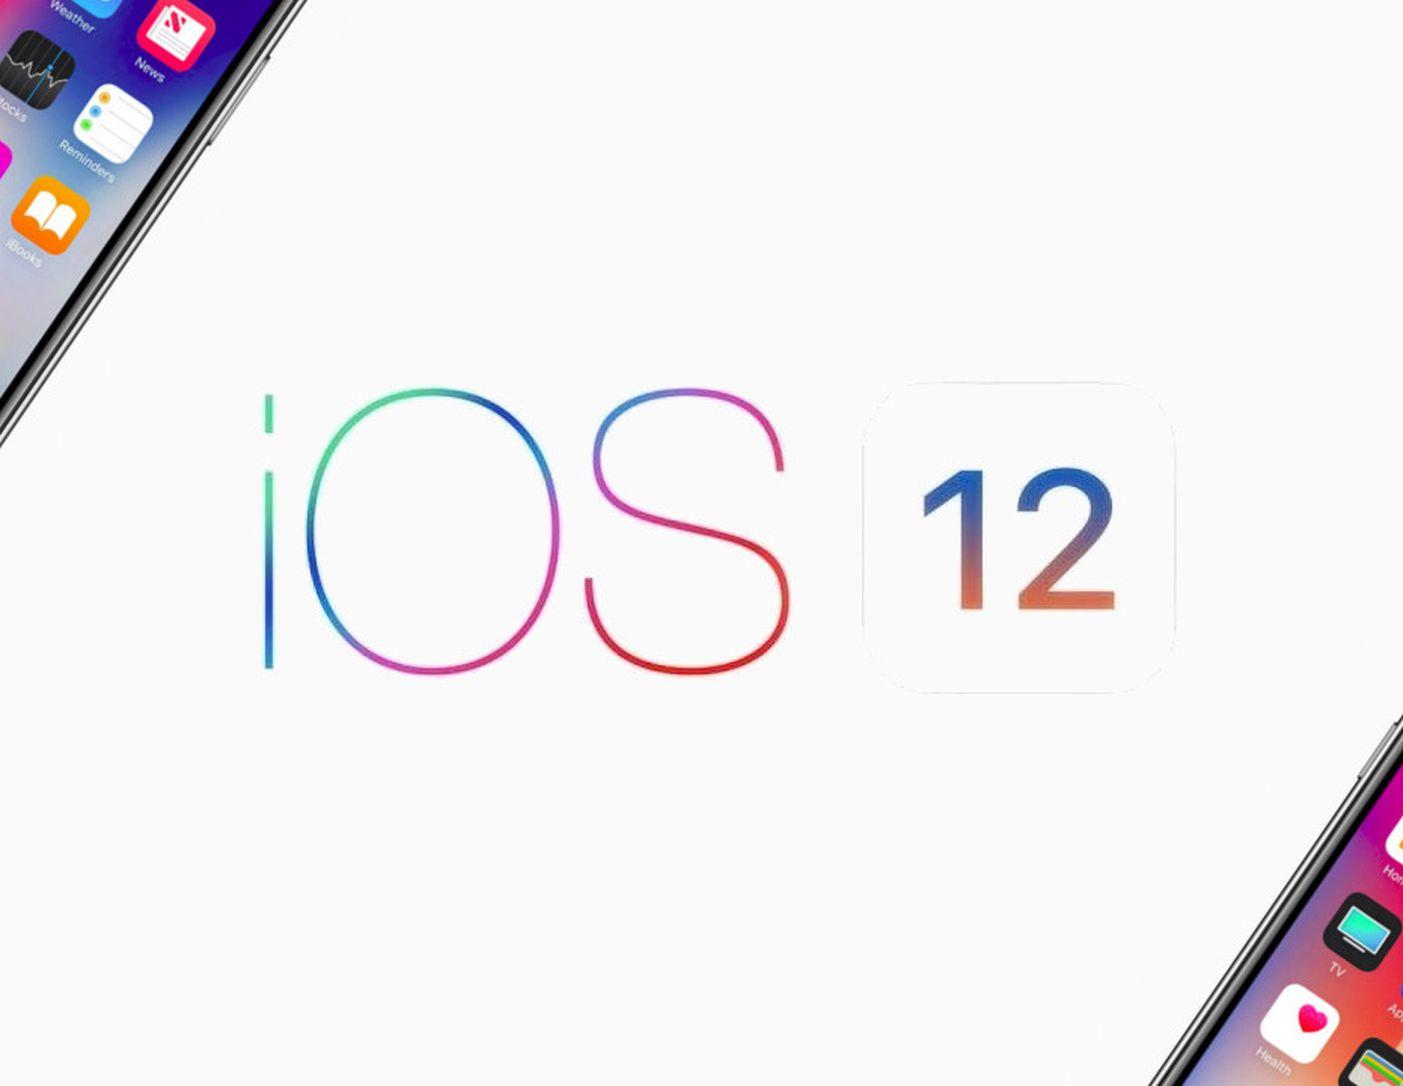 ios 12 apple